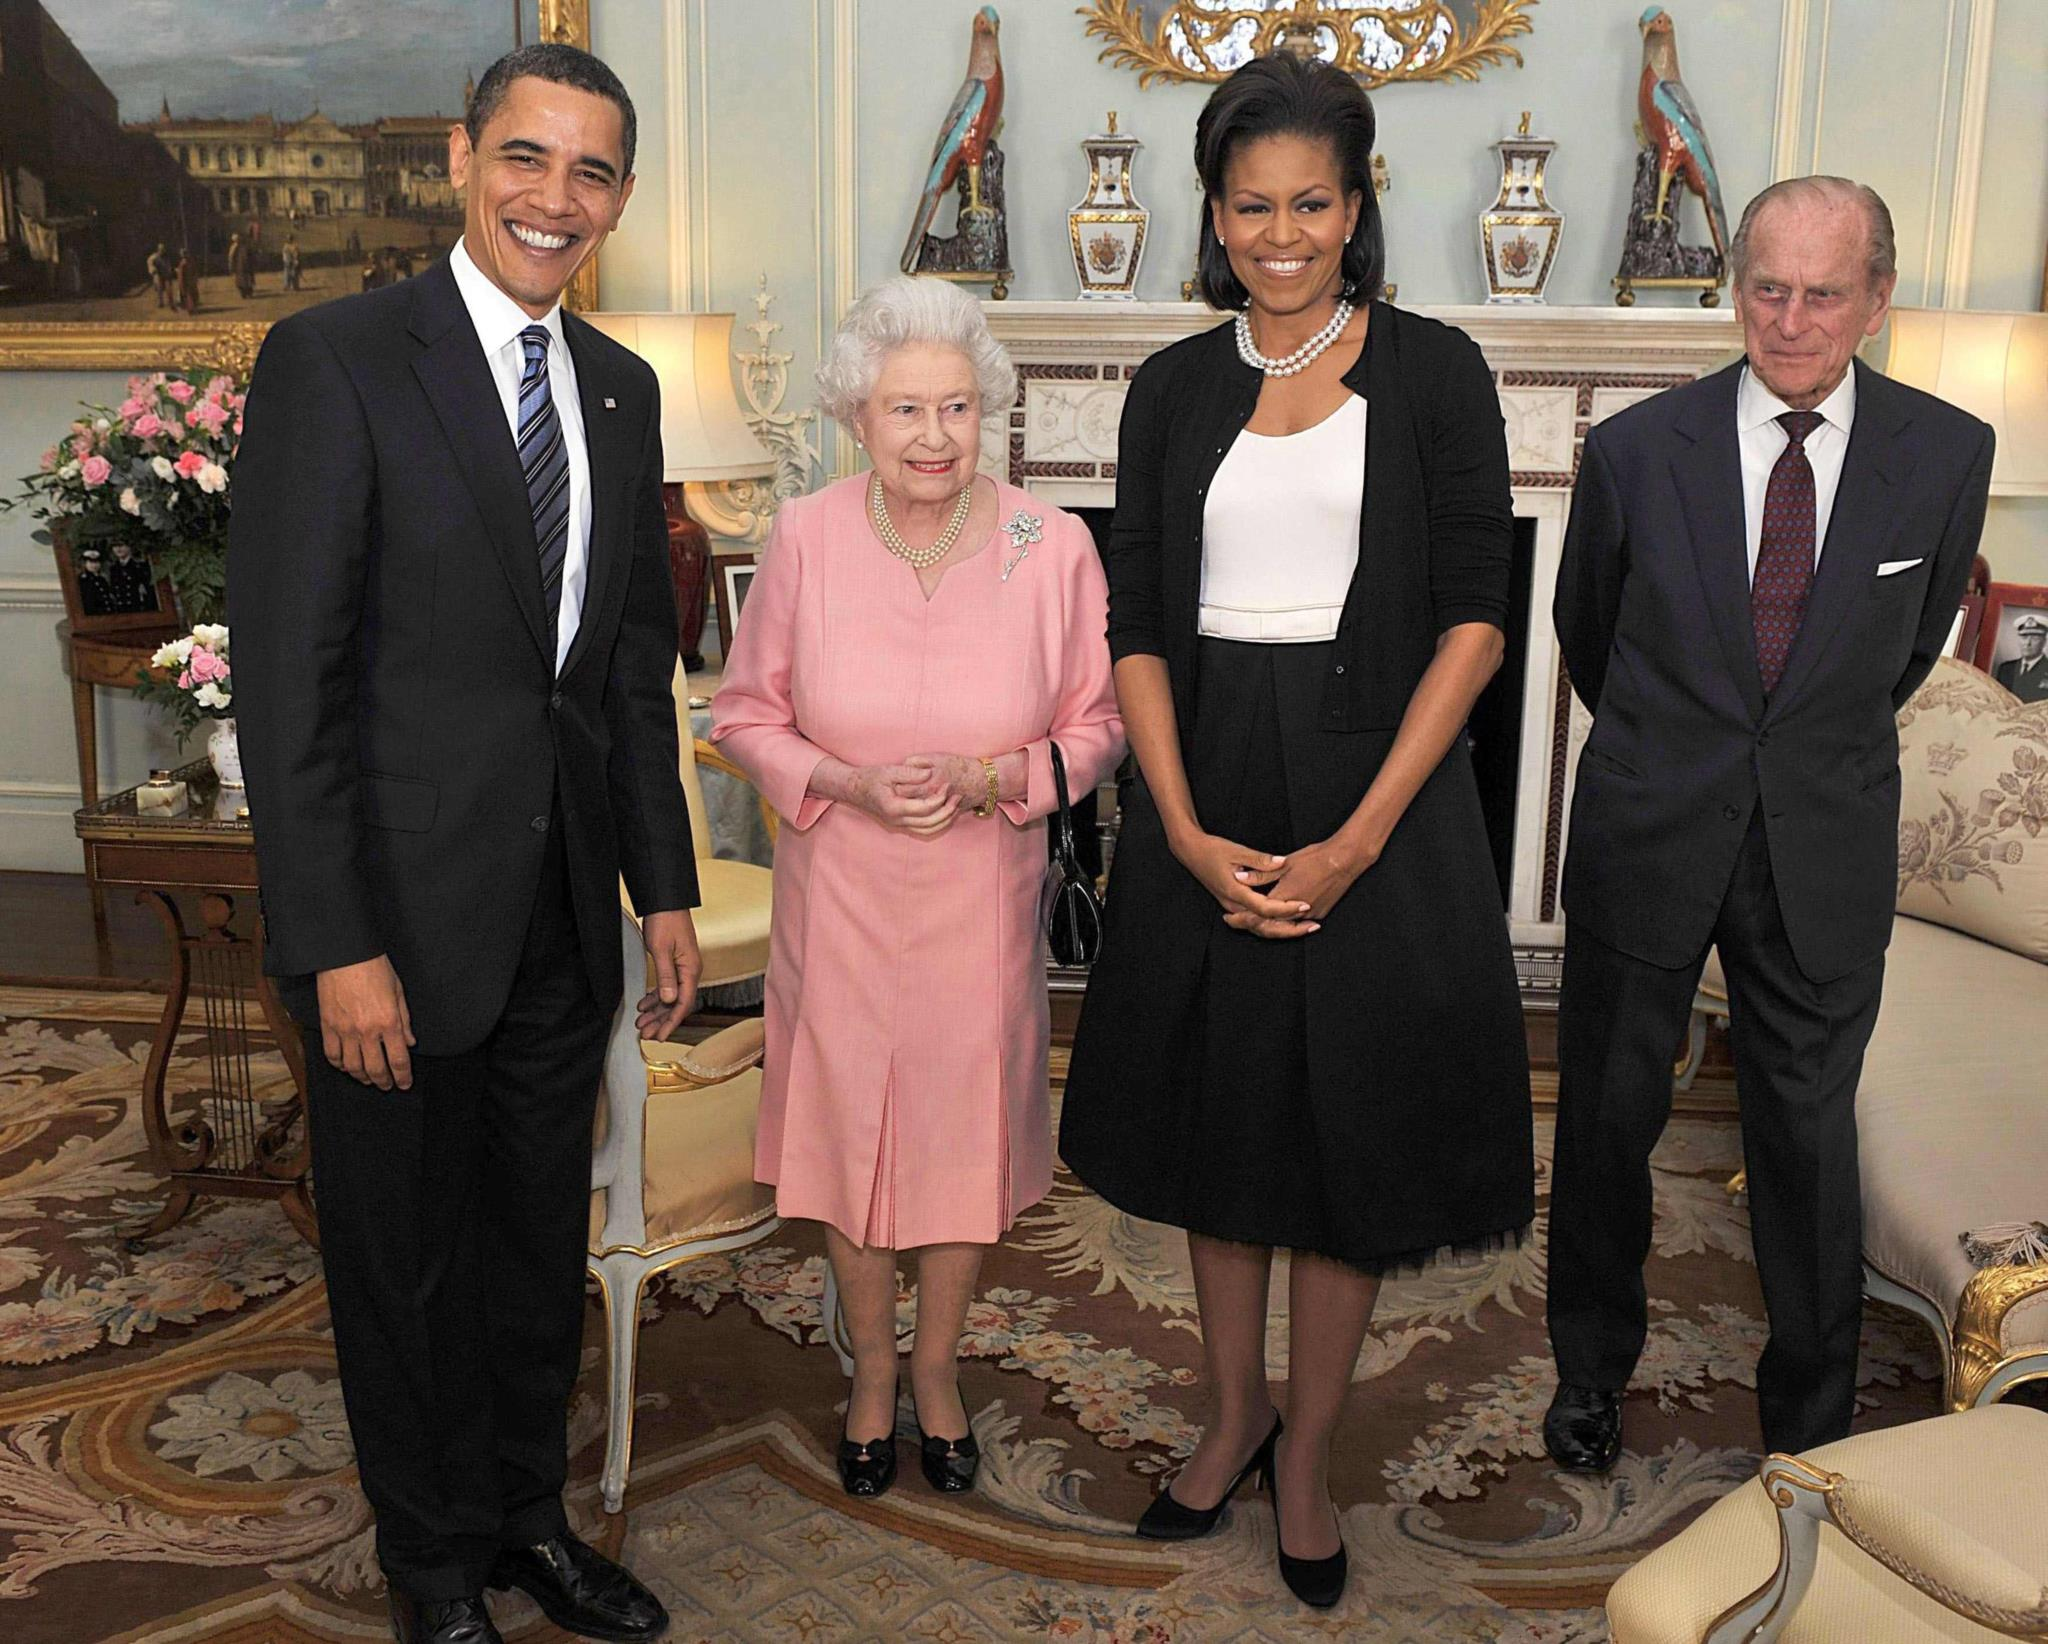 Em 2009, com o então Presidente dos EUA e a primeira-dama, Barack e Michelle Obama, no Palácio de Buckingham